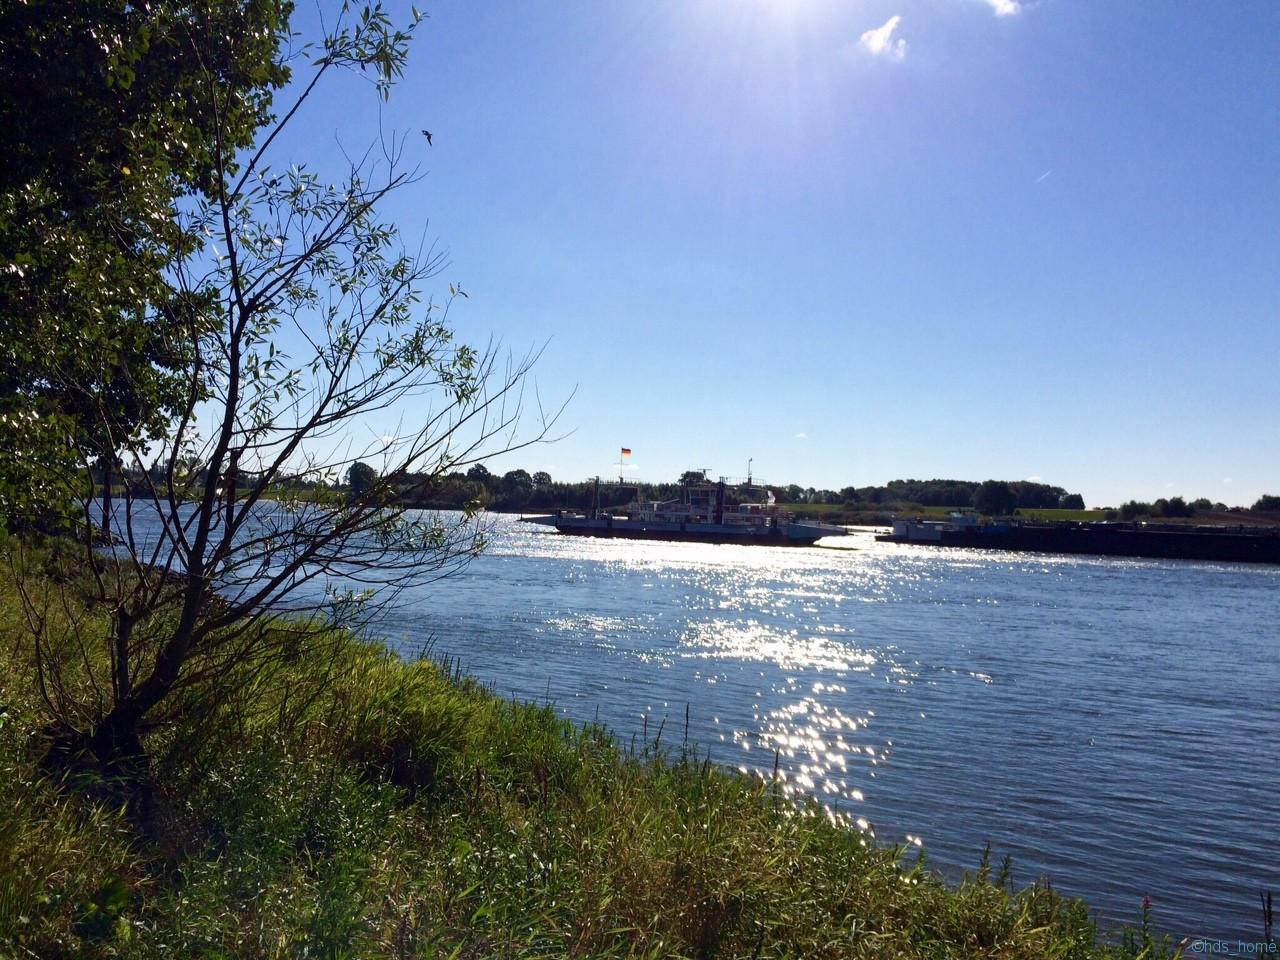 Septembersonntagmorgen an der Elbe